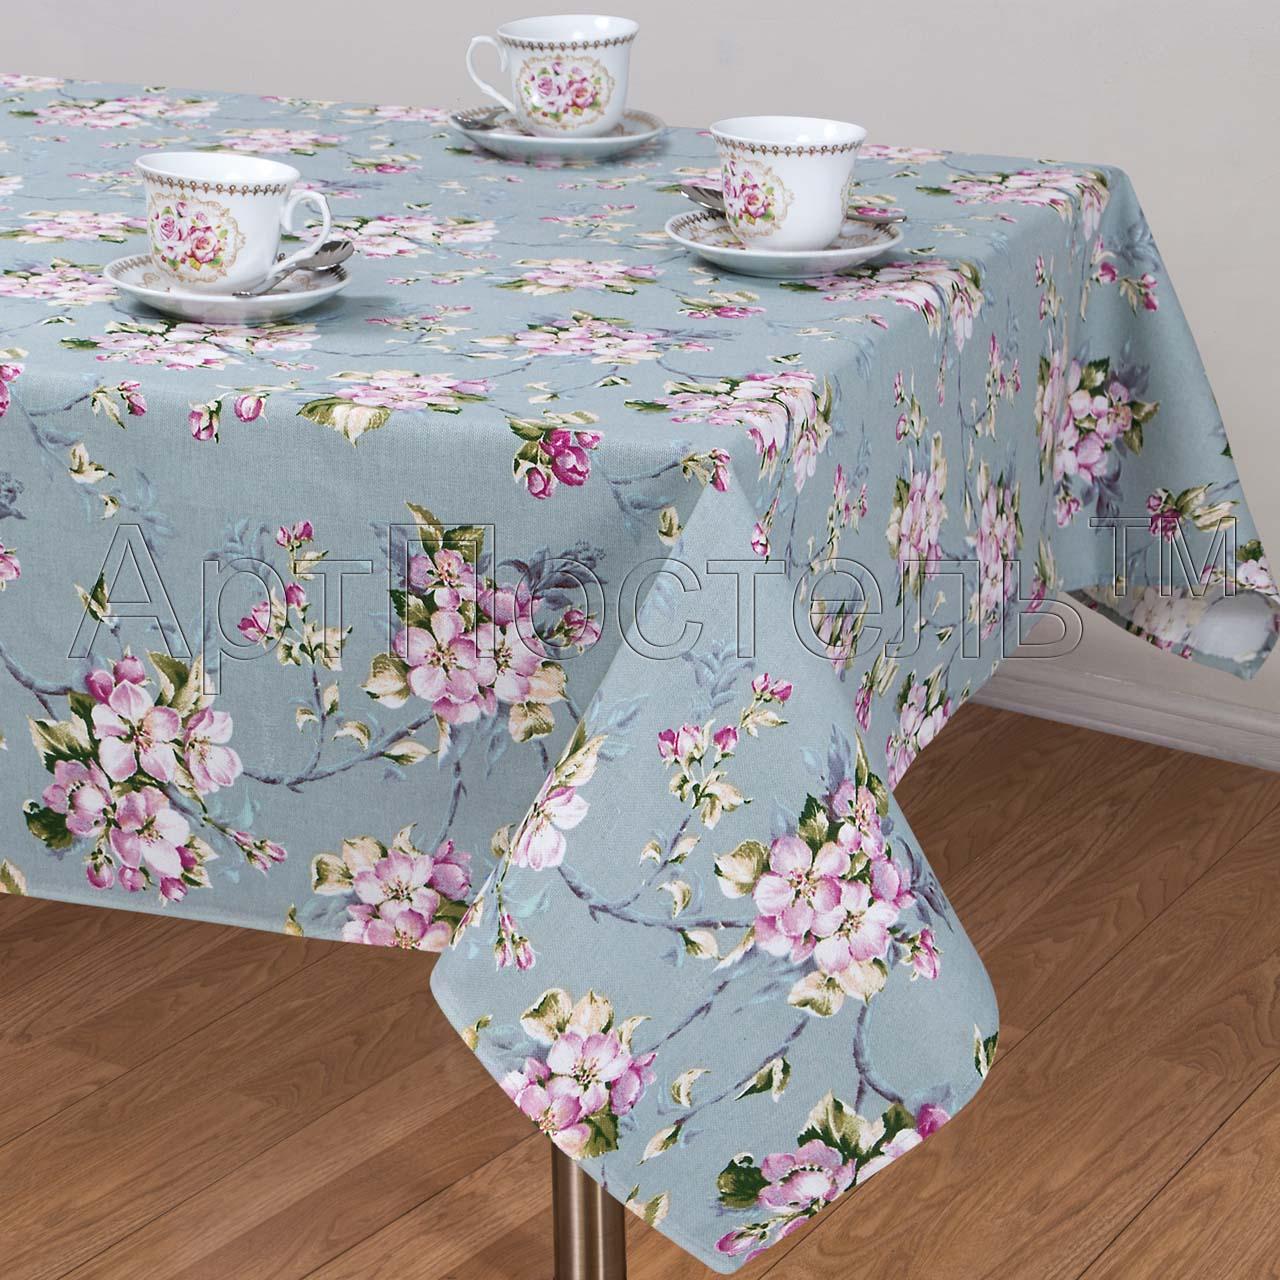 Скатерть  Живопись  р. 260х145 - Текстиль для дома артикул: 29825